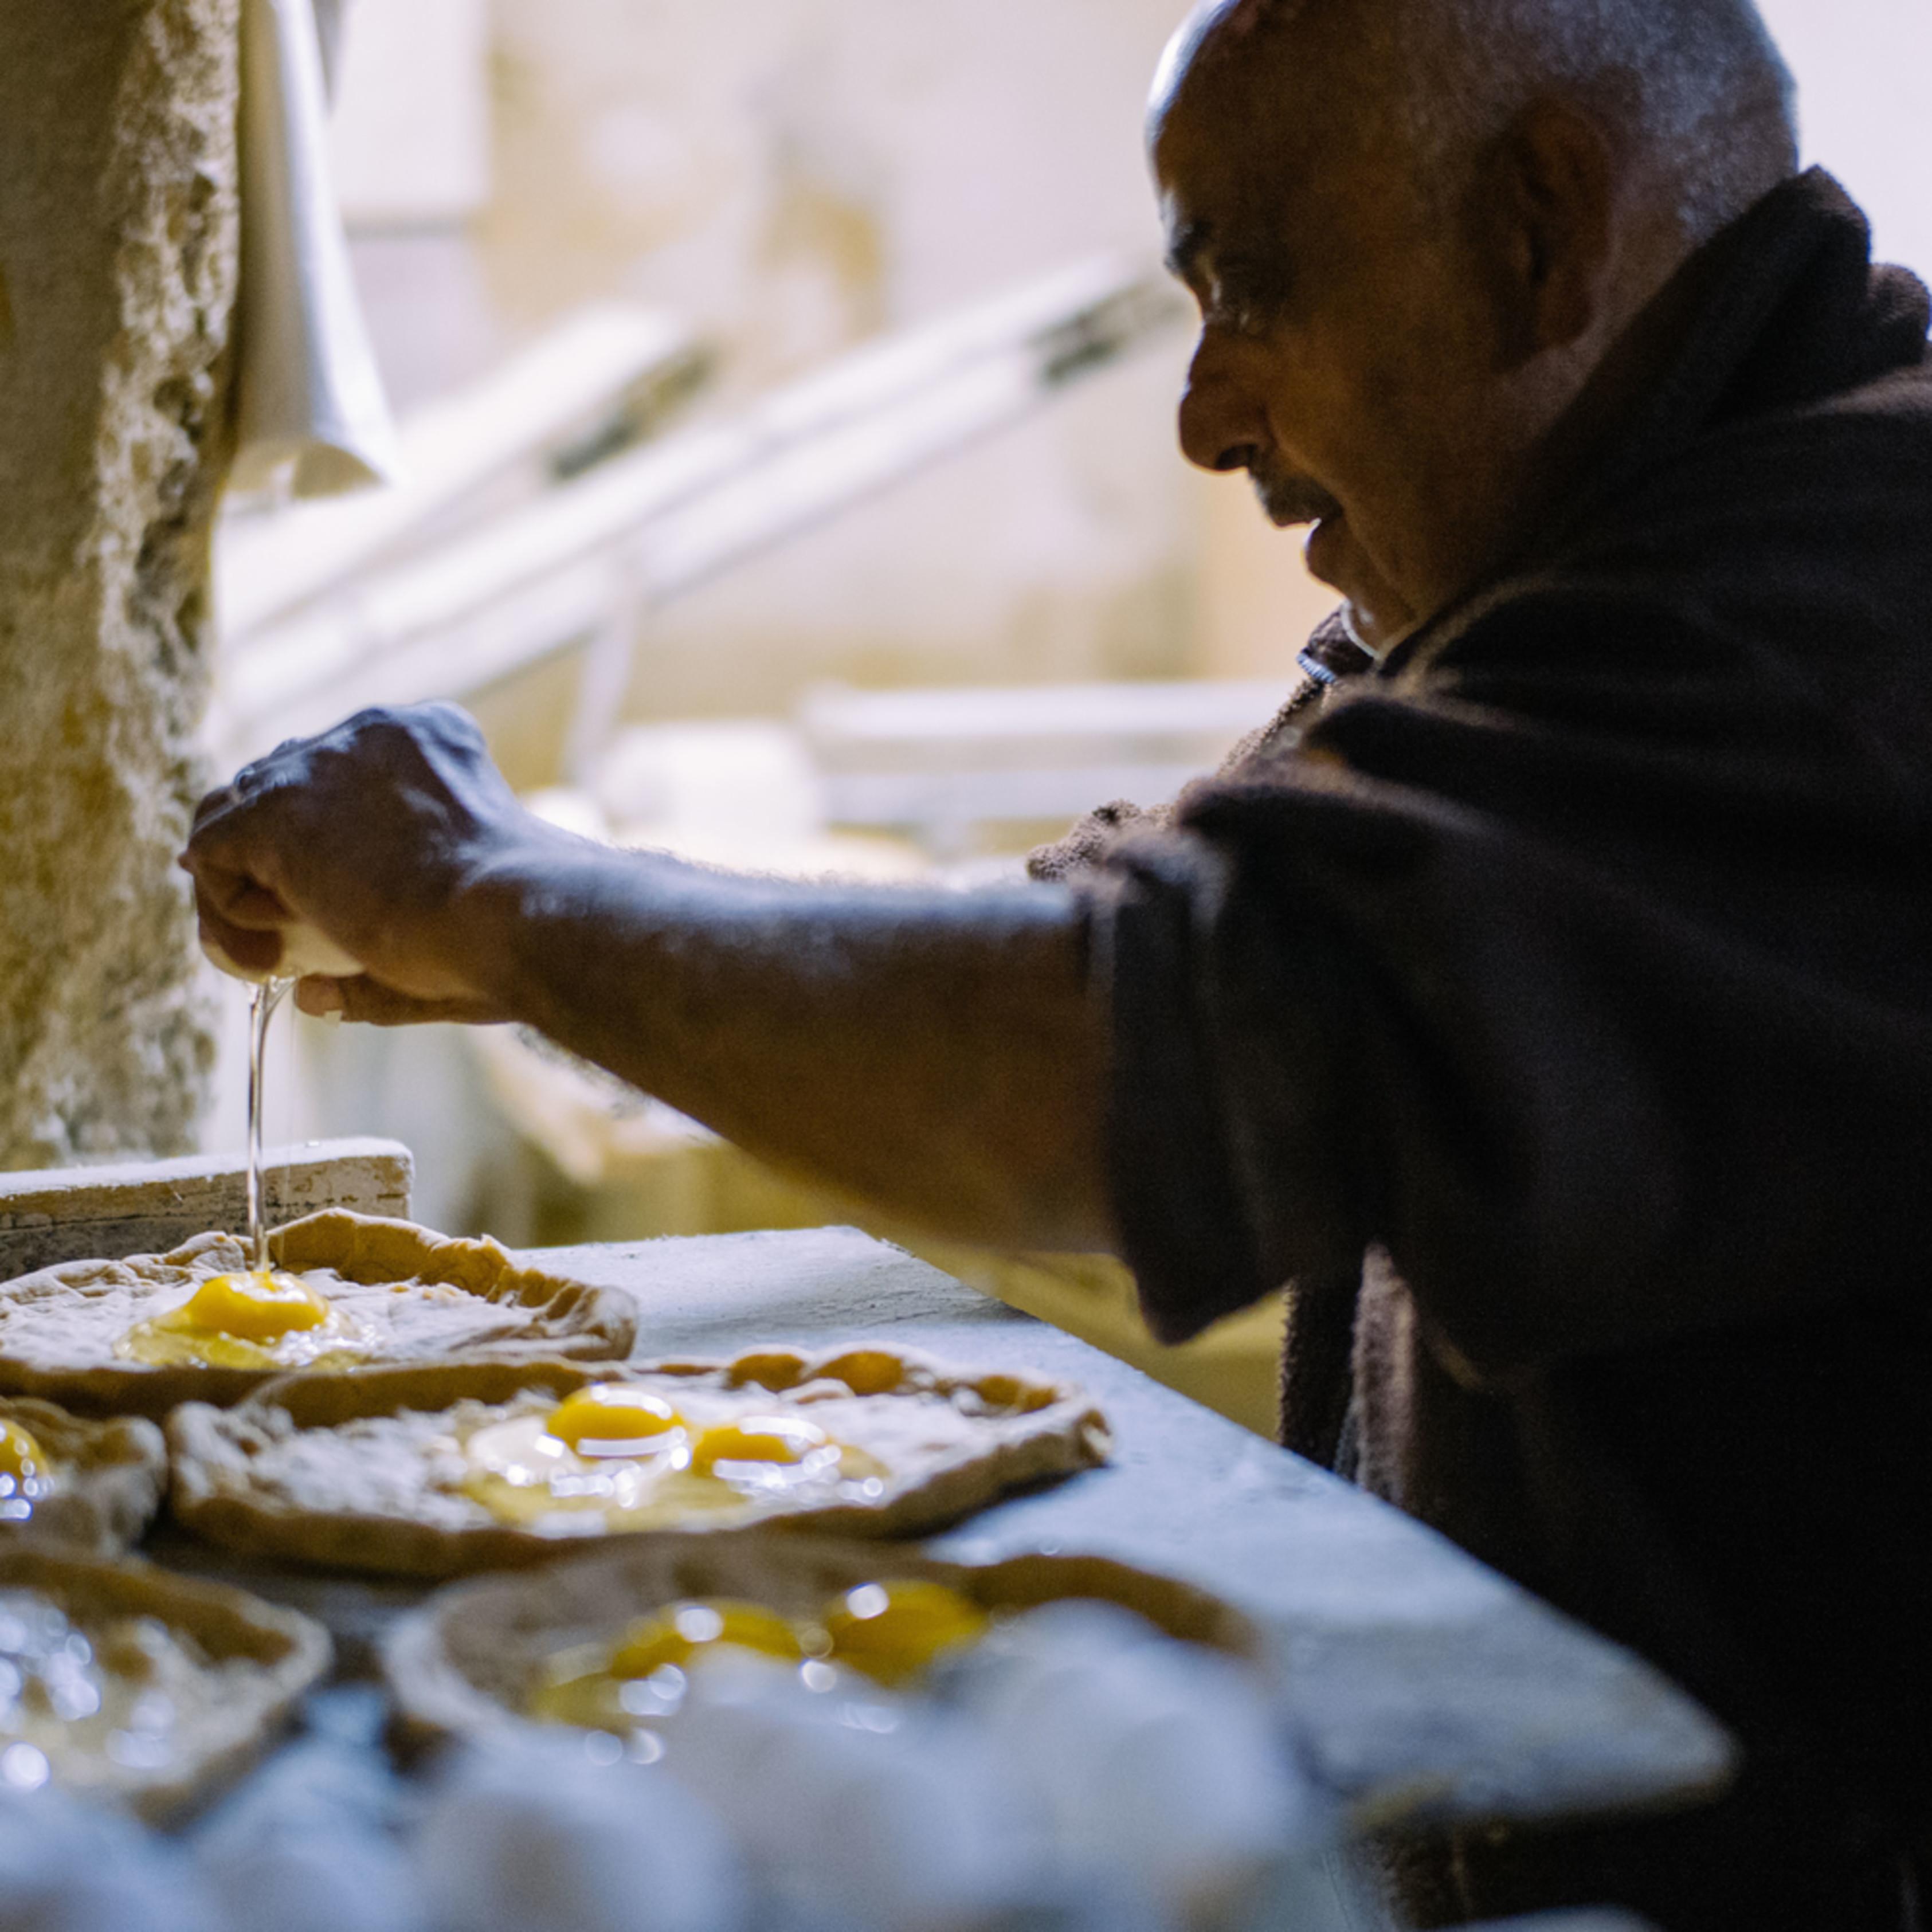 The baker fouelt